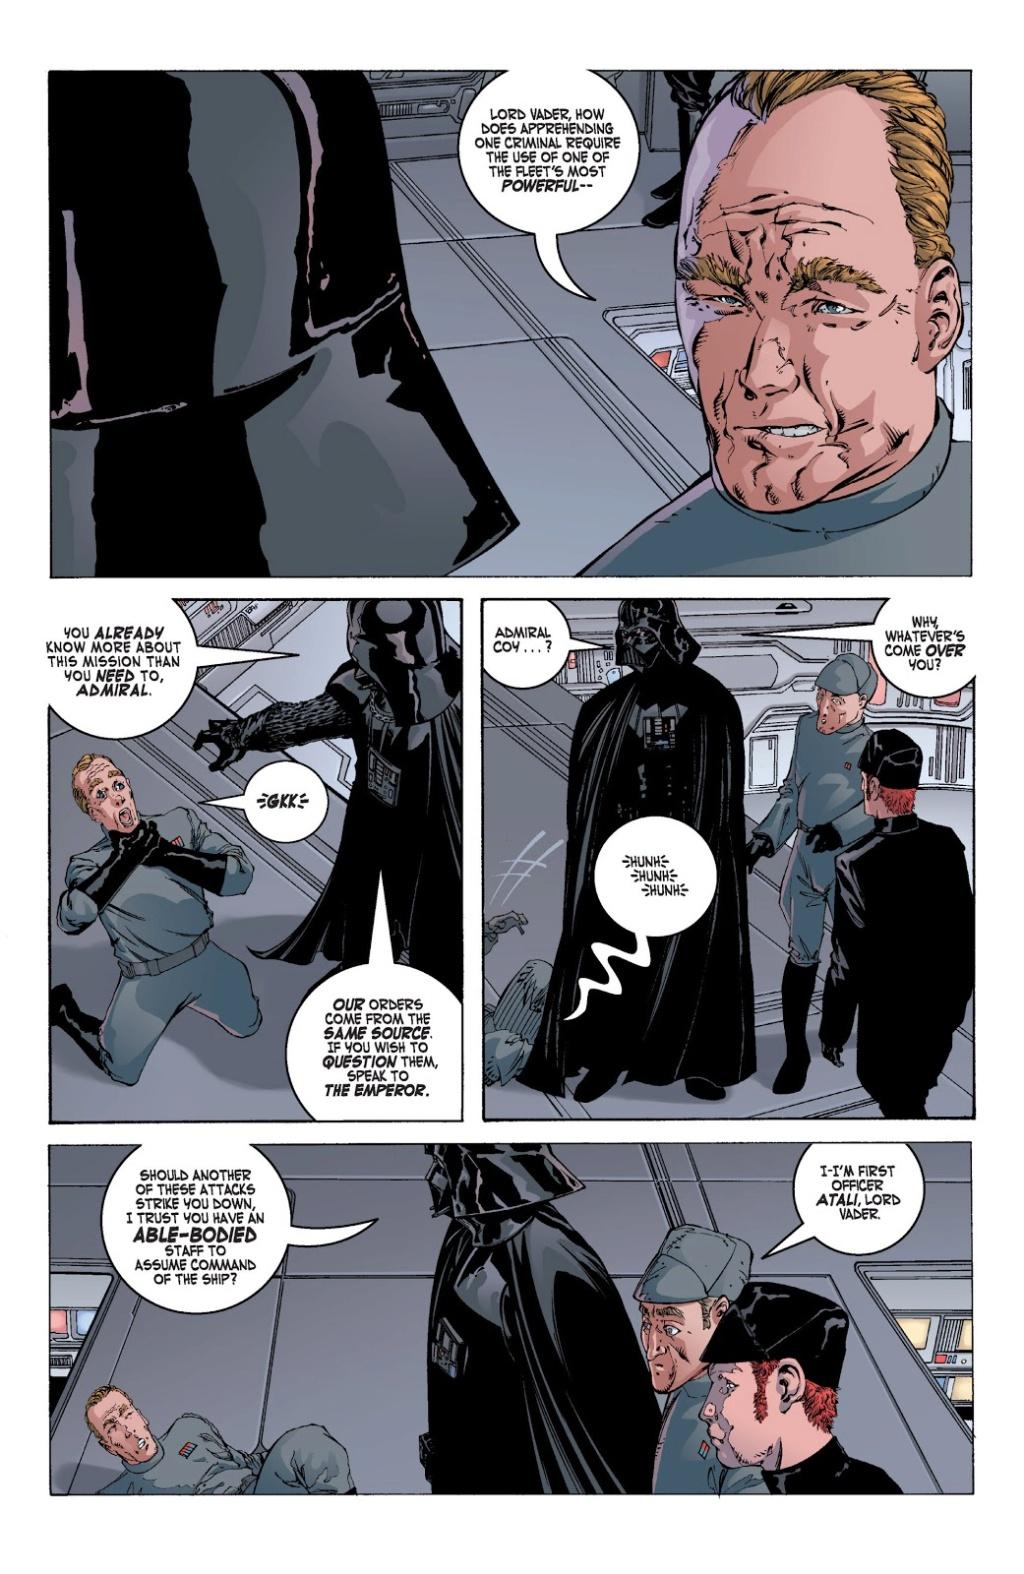 Darth Vader and Galen Marek vs Darth Bane and Darth Zannah  Rco01912